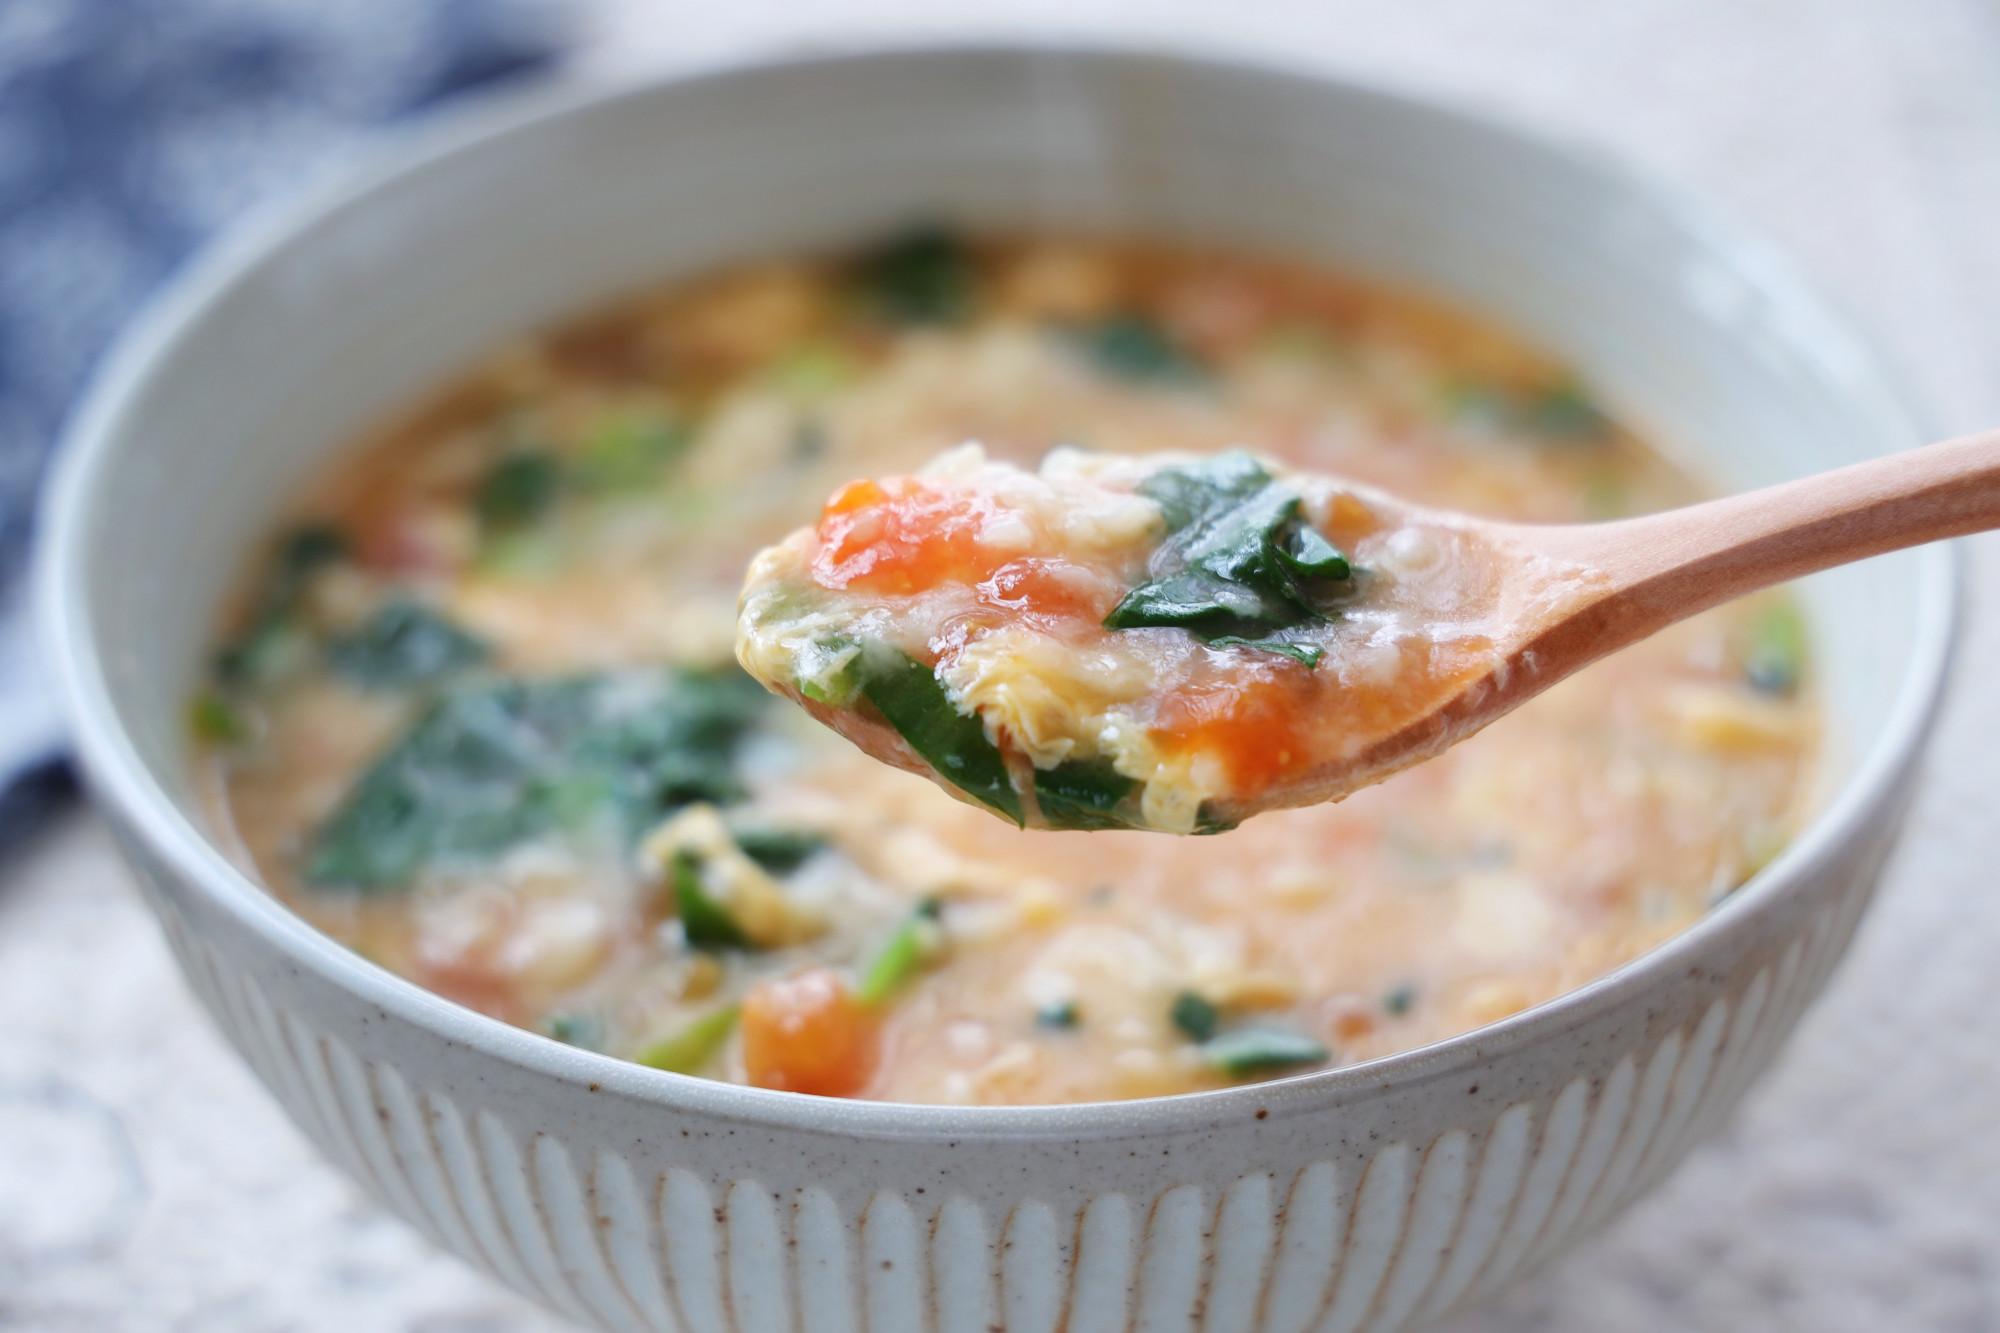 天氣冷,早餐來一碗疙瘩湯,喝一碗全身暖和,比豆漿油條好多了